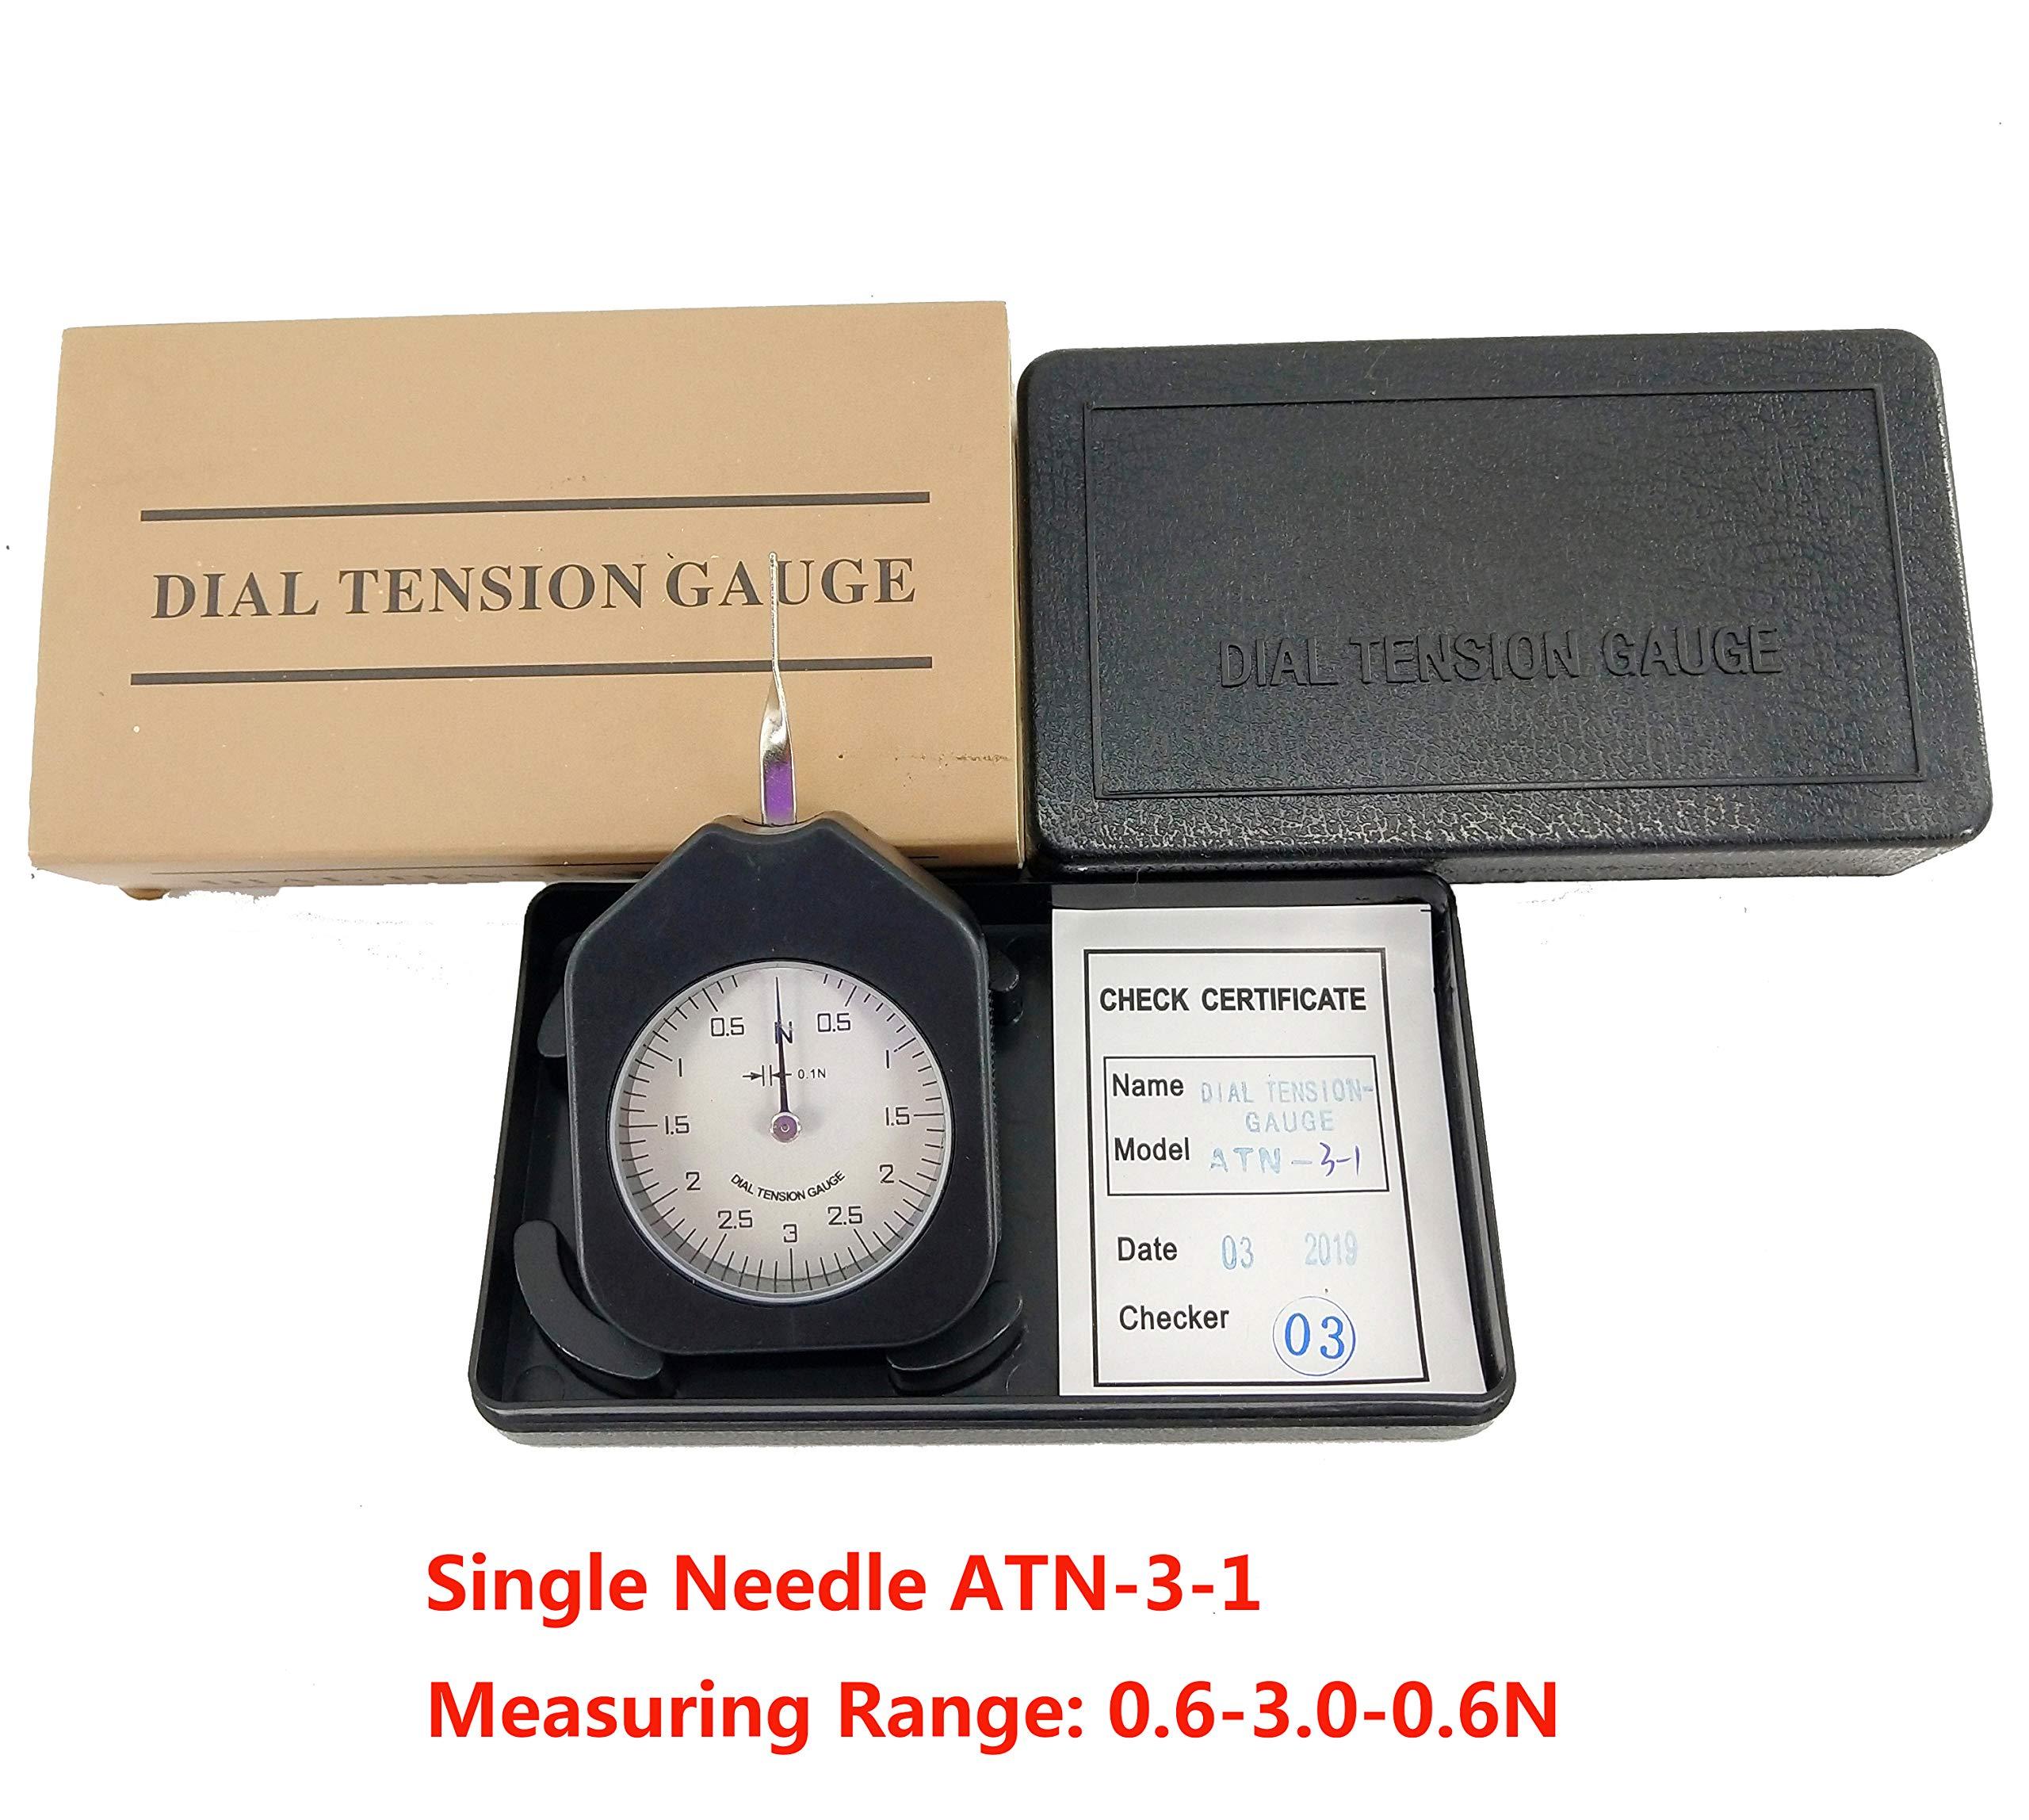 HFBTE ATN-3-1 Pocket Size Dial Tension Gauge Meter Tester with Measuring Range 0.6-3.0-0.6N Division Value 0.1N by HFBTE